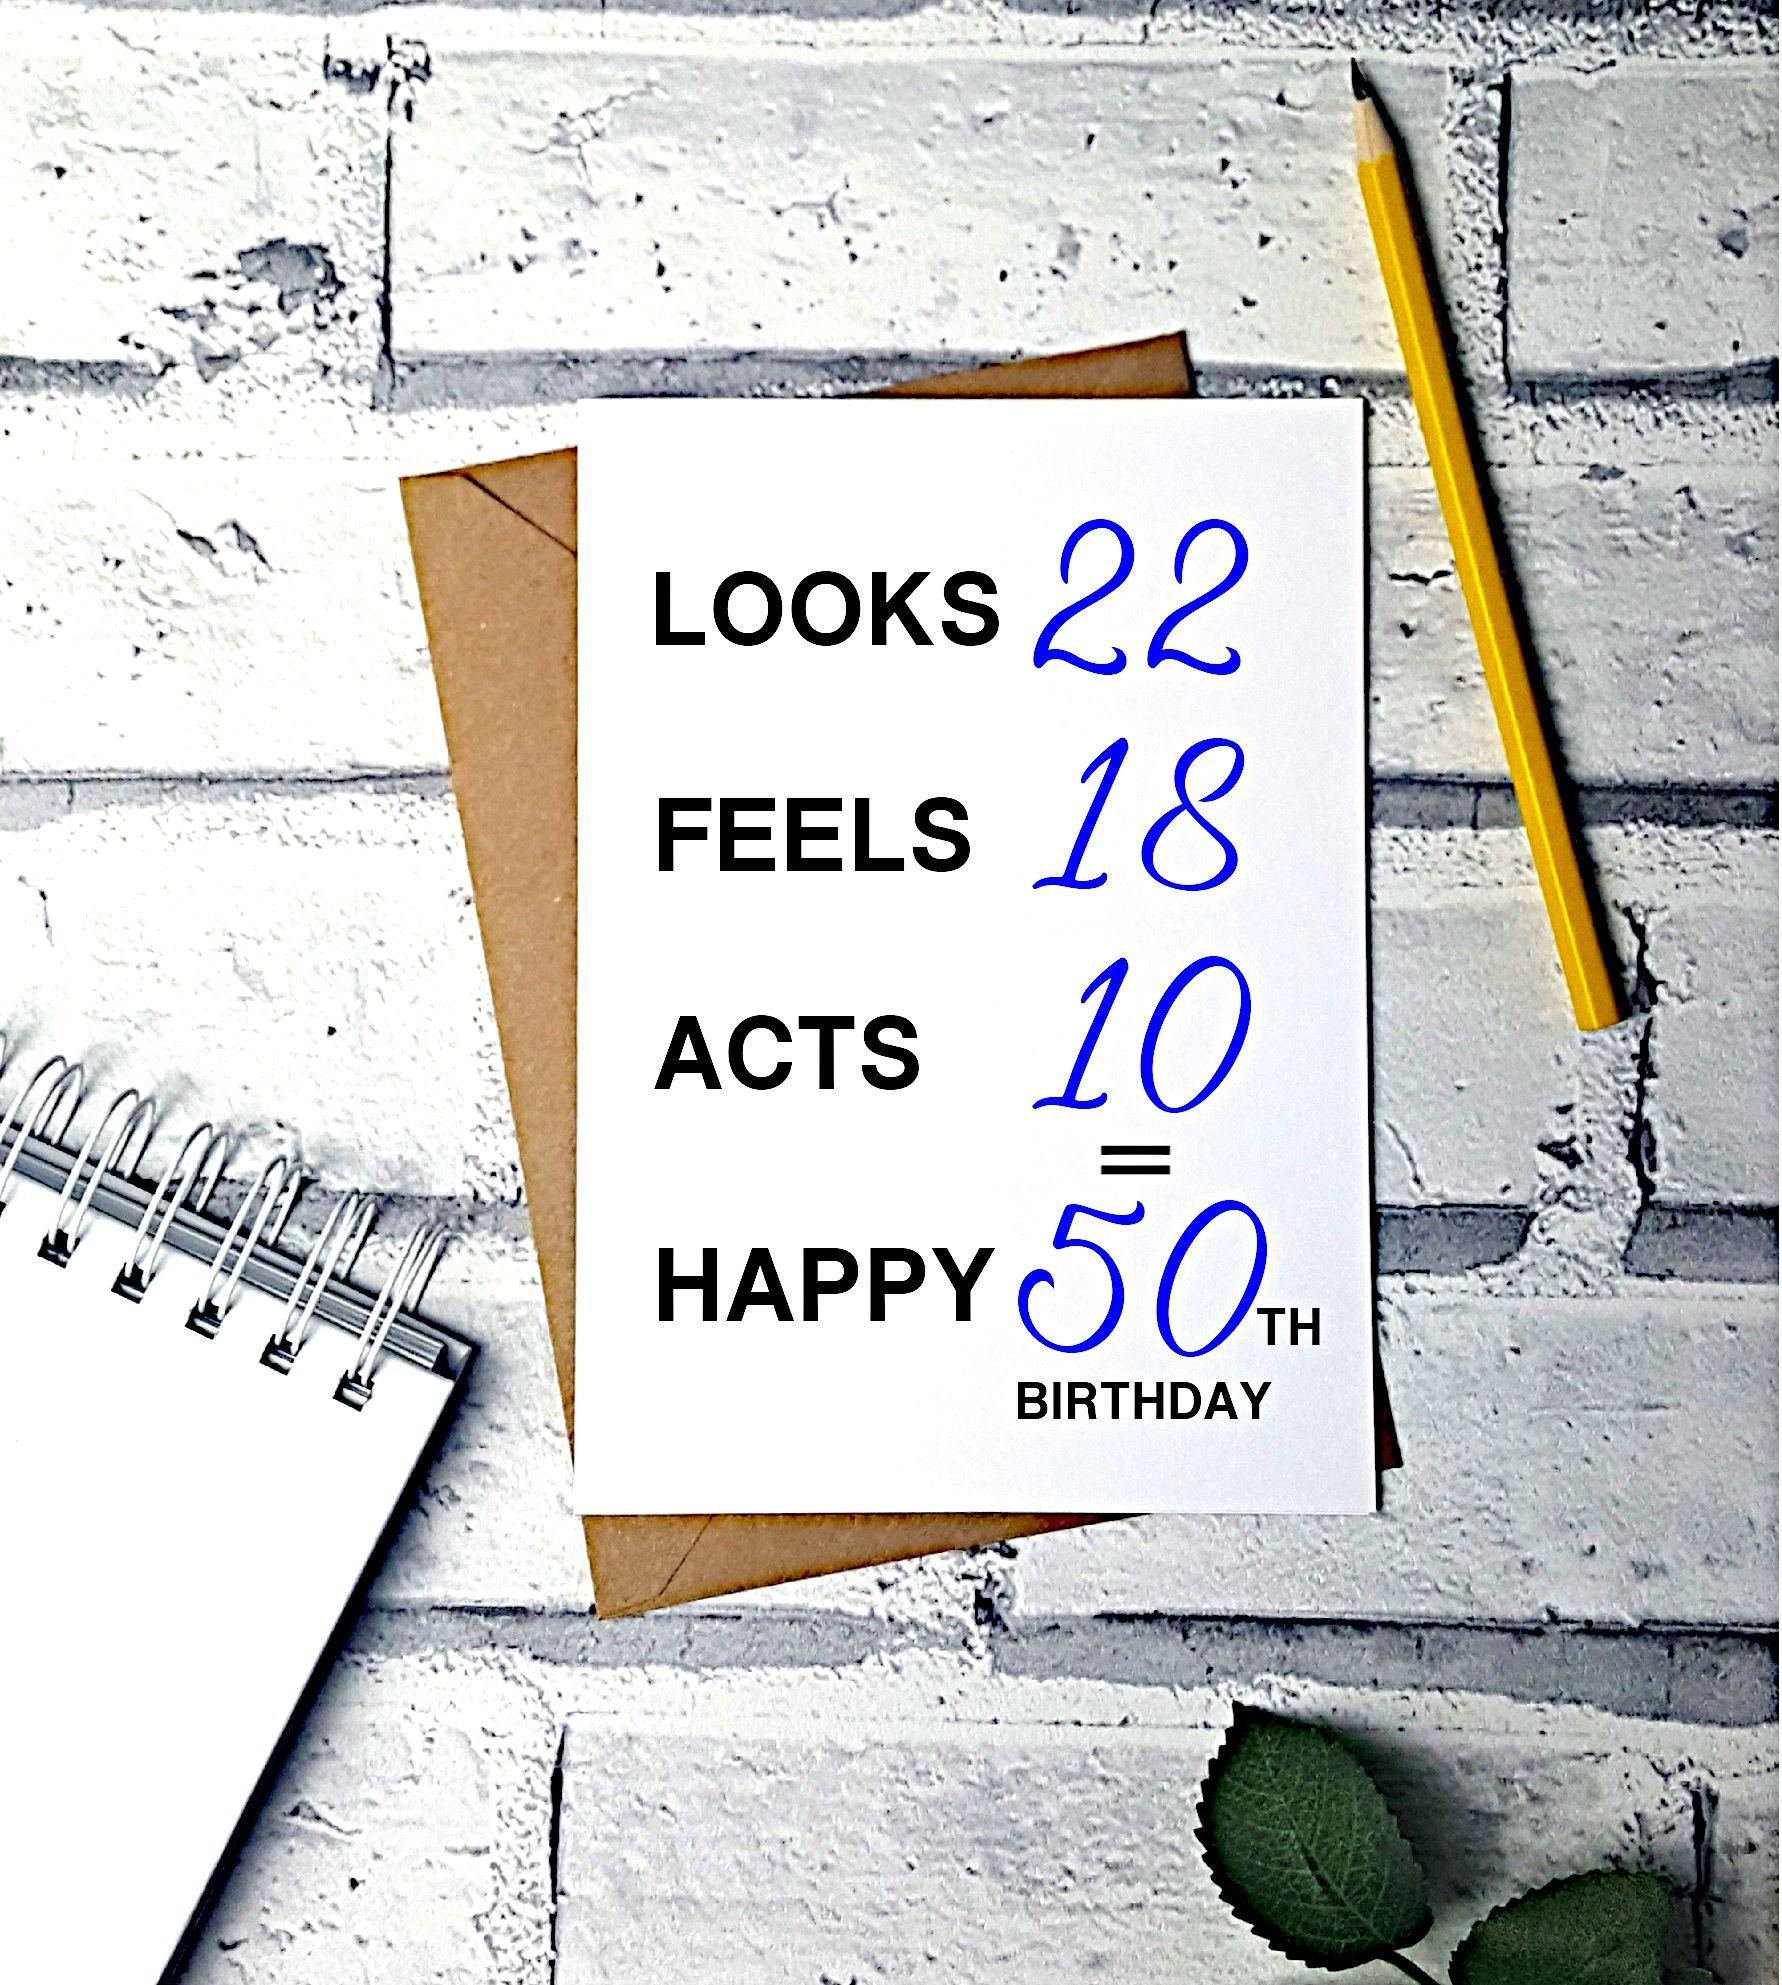 50th birthday card funny card greeting card 50th